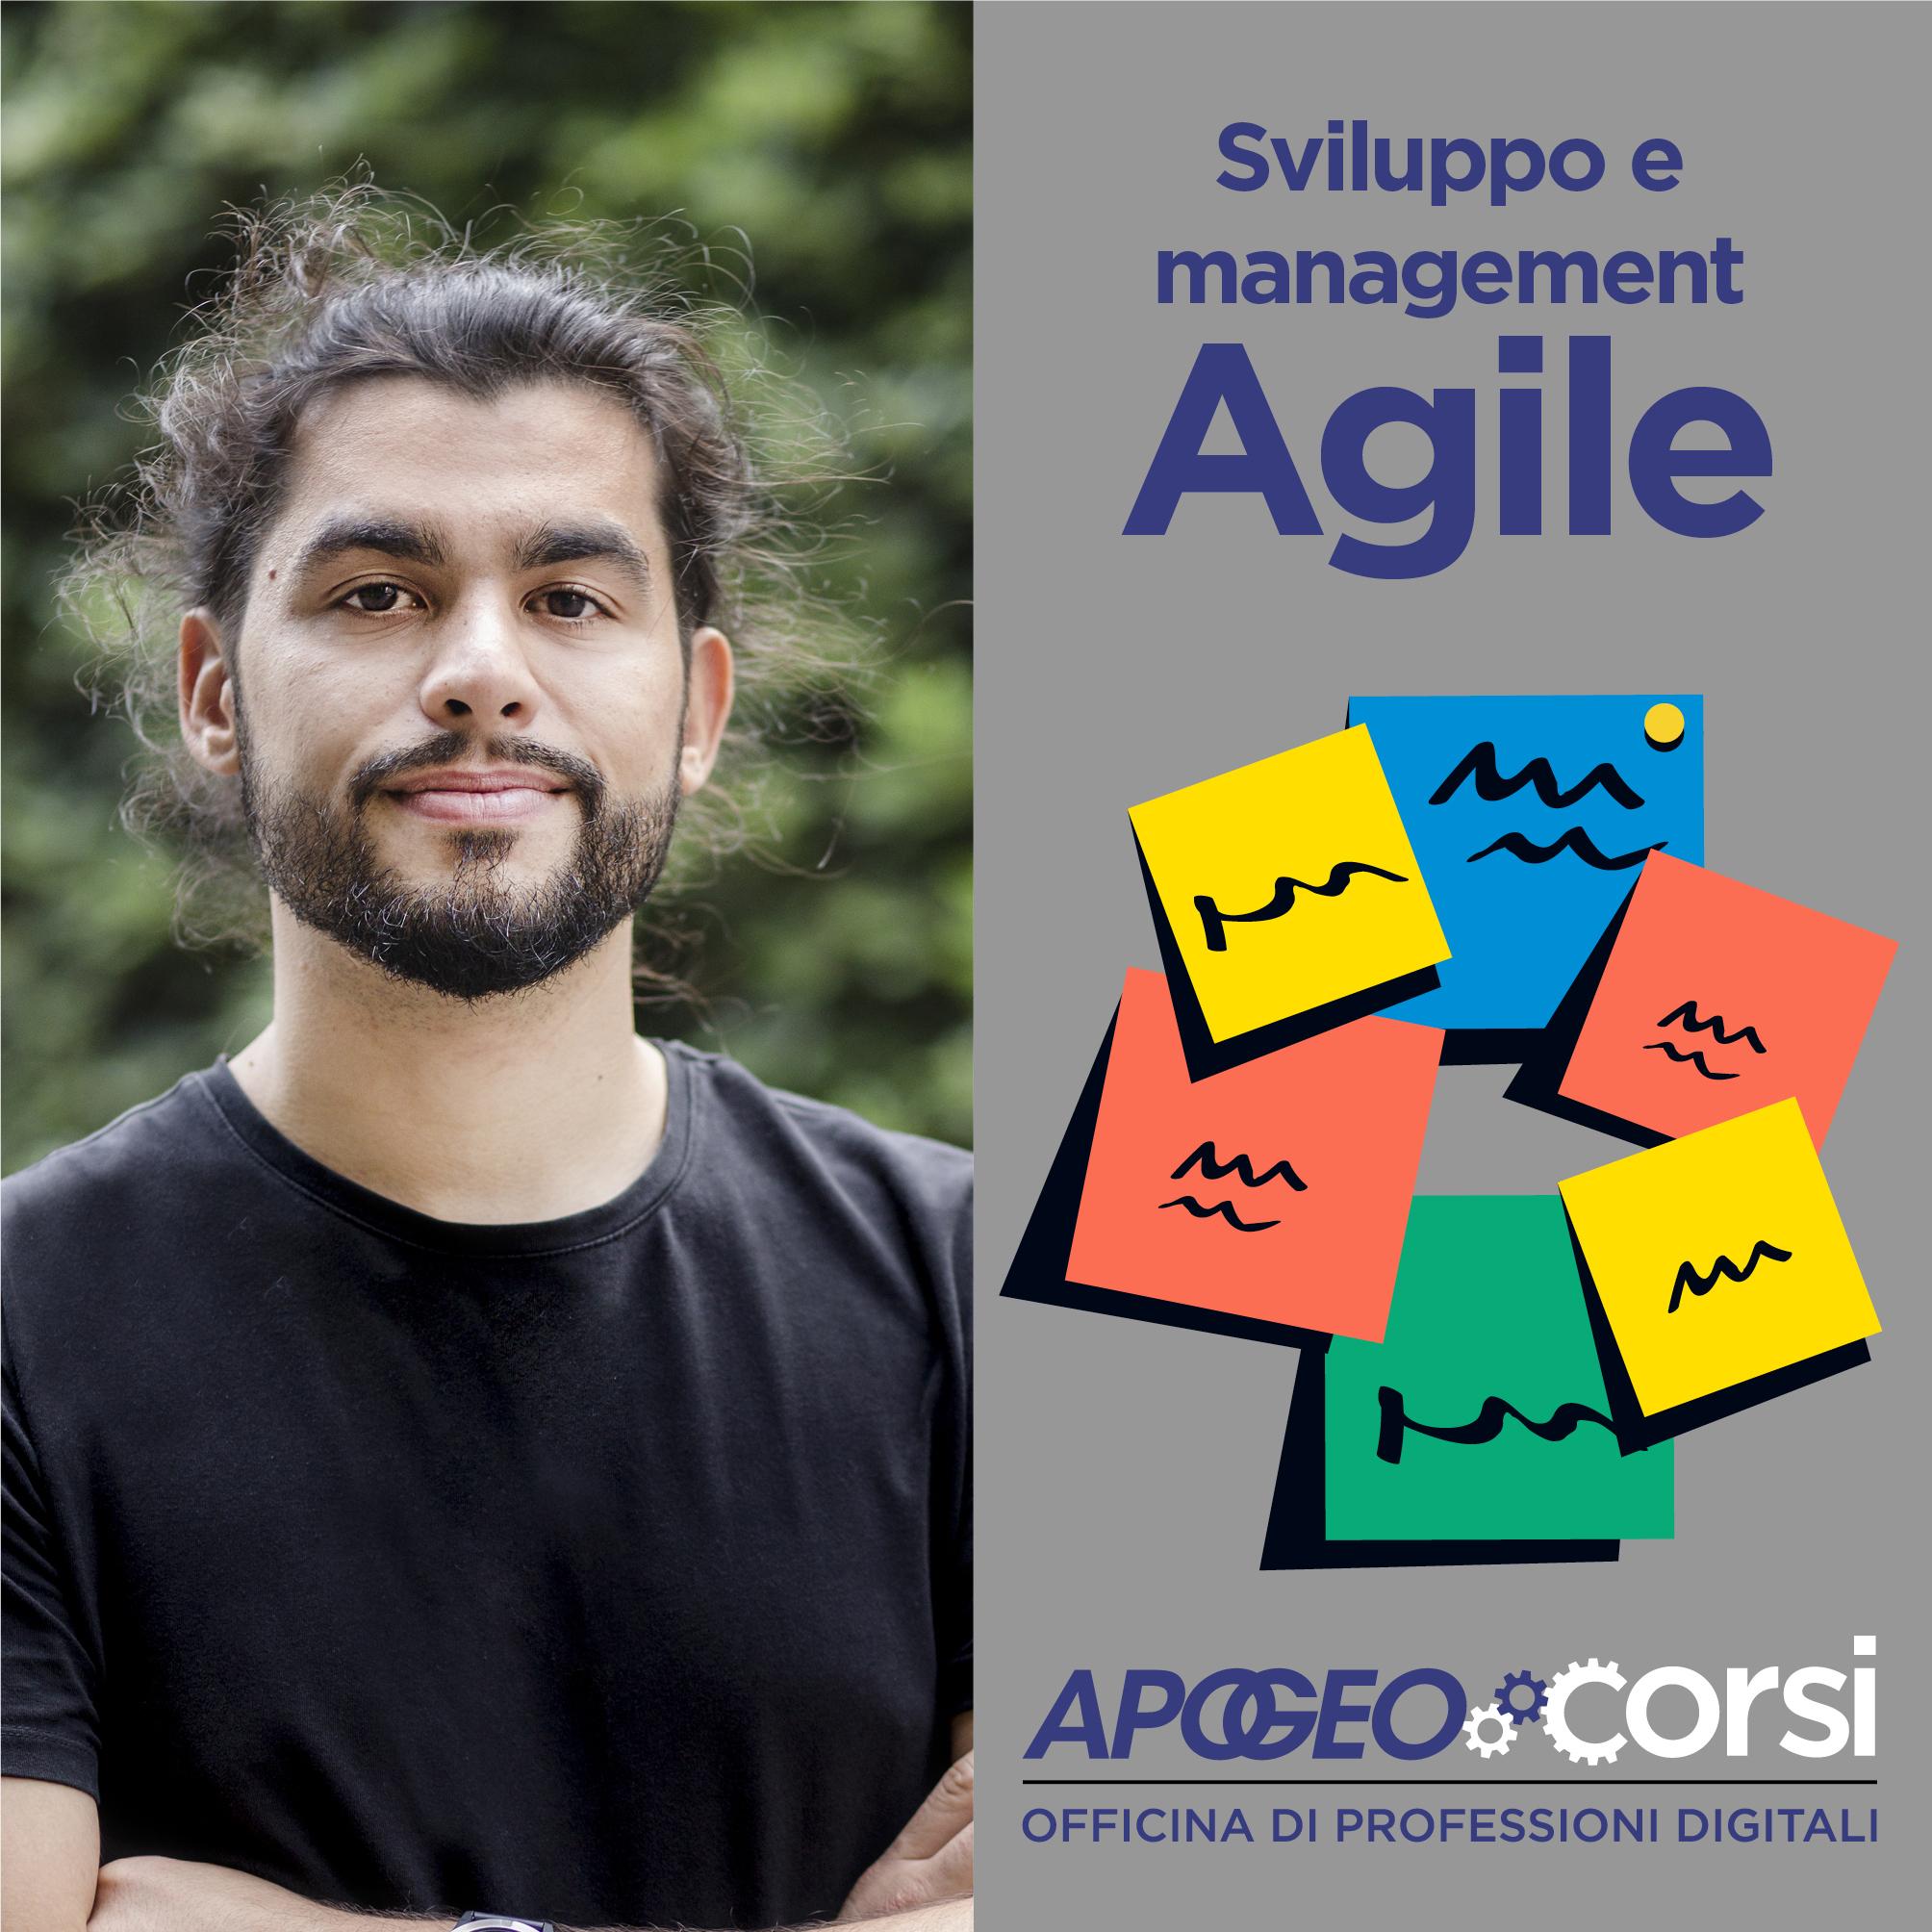 Mora-Agile_Sviluppo_e_Management-home2